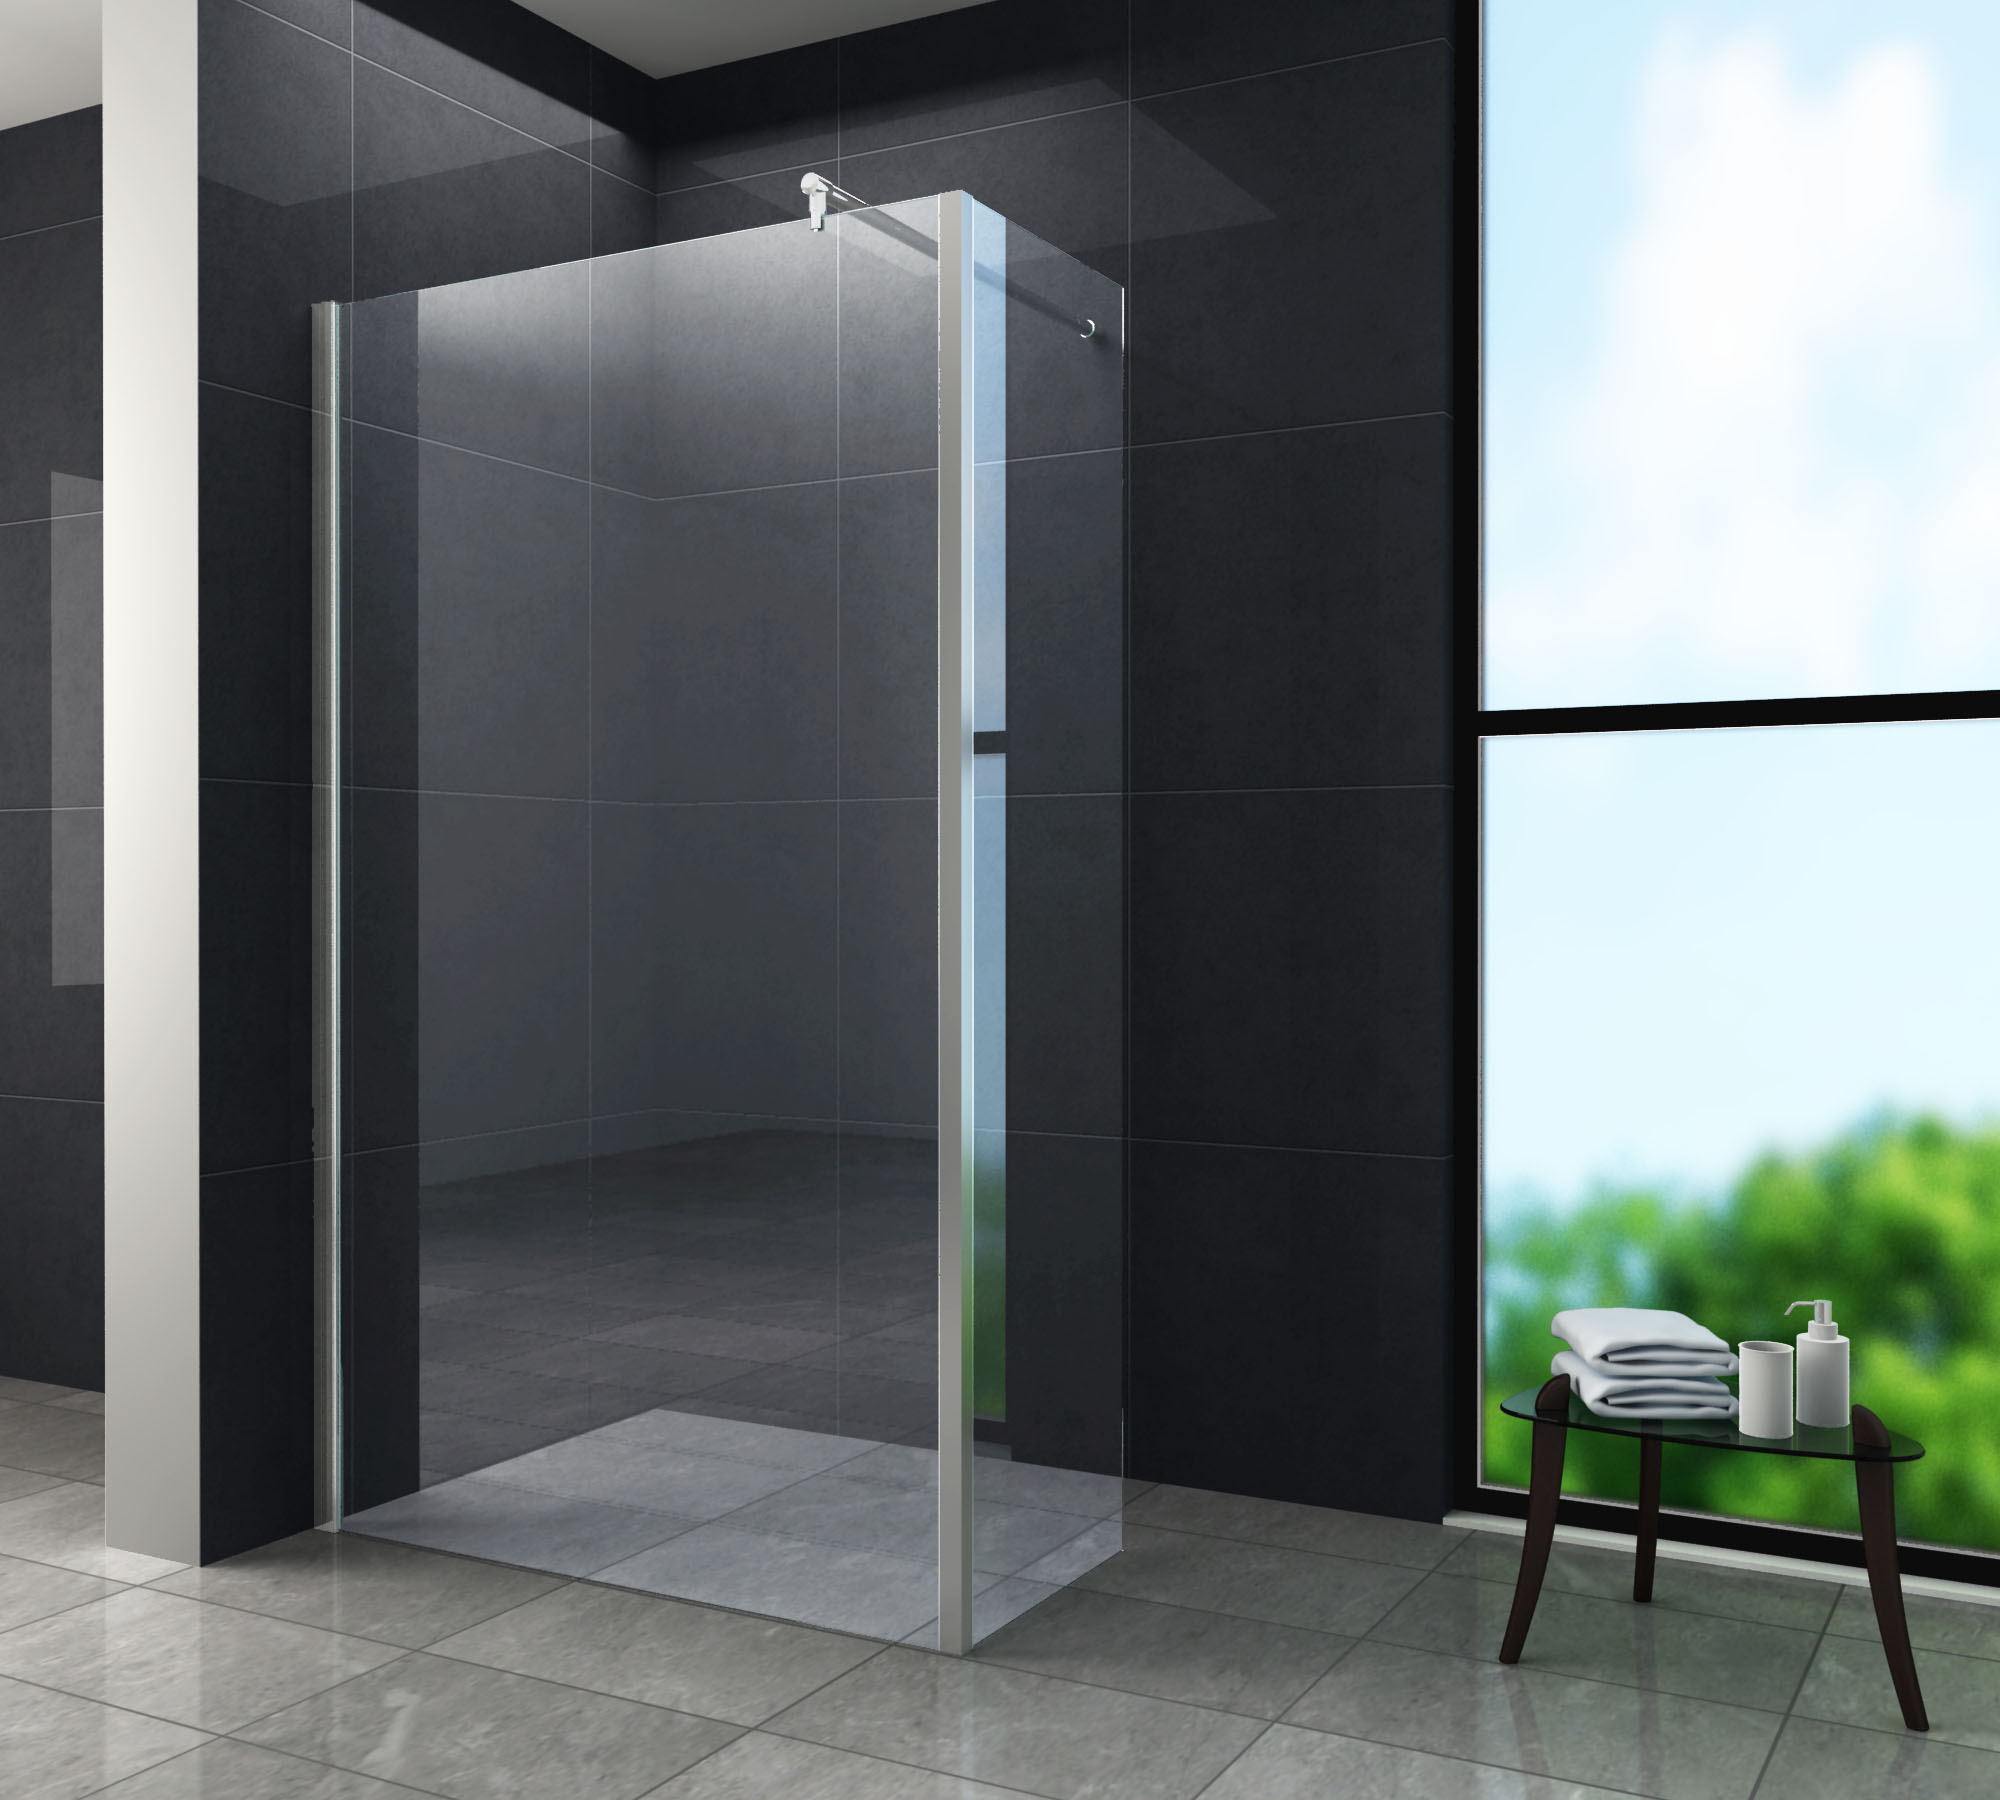 10 mm Anbau-Ecke für Duschwand AQUOS (30 cm)